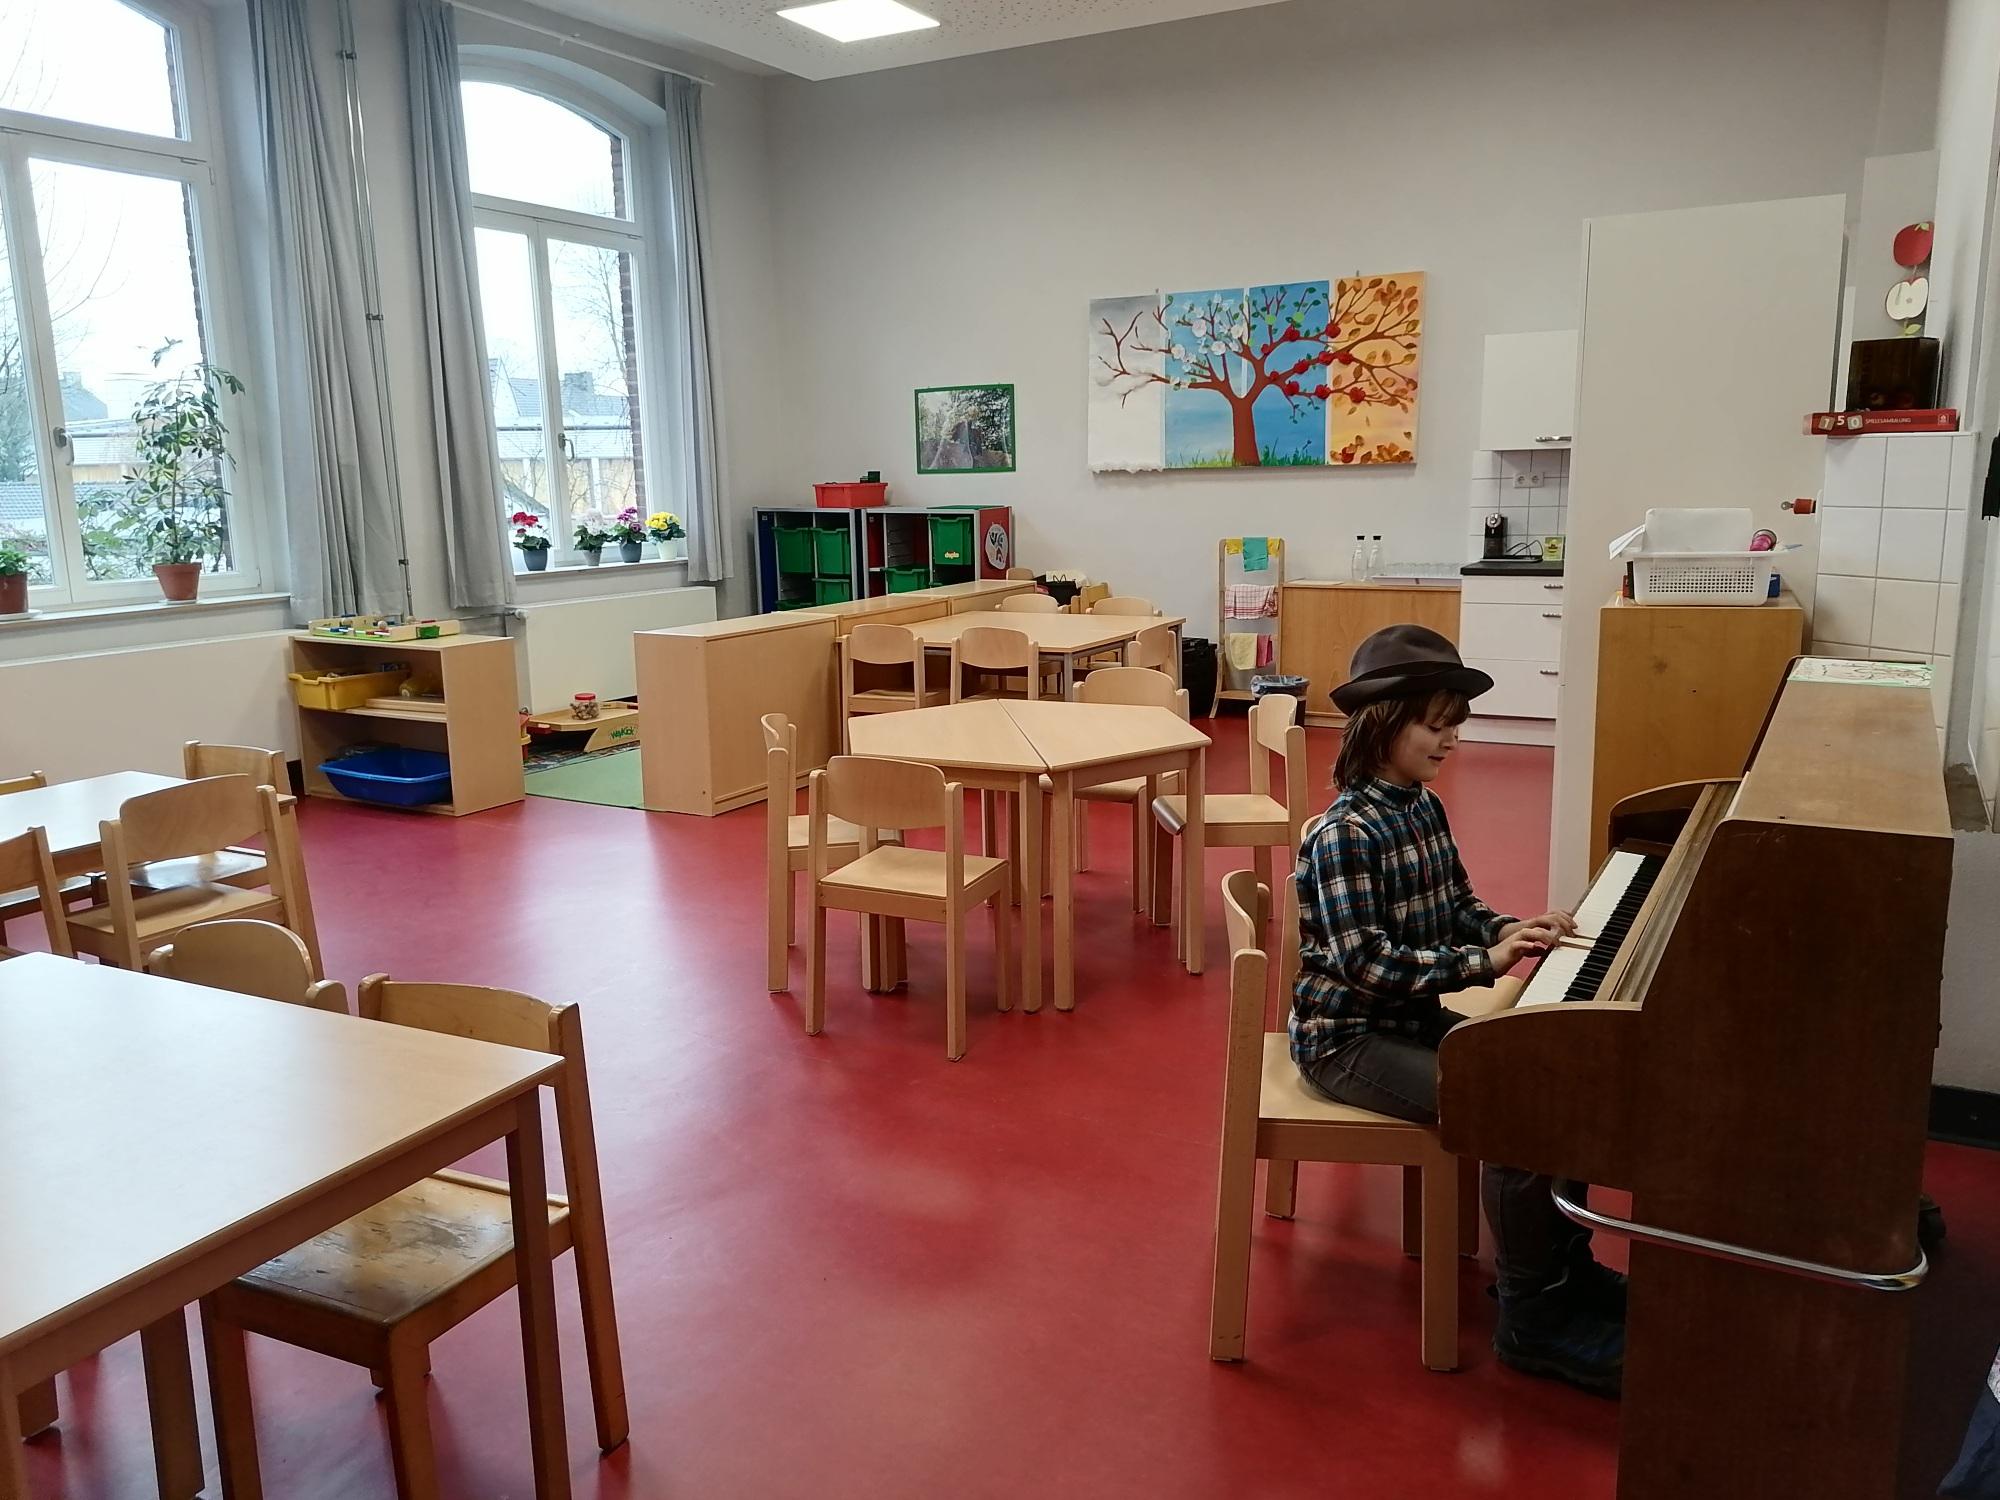 Küche, Aufenthaltsraum und junger Klavierspieler Kyffhäuserstr. 98